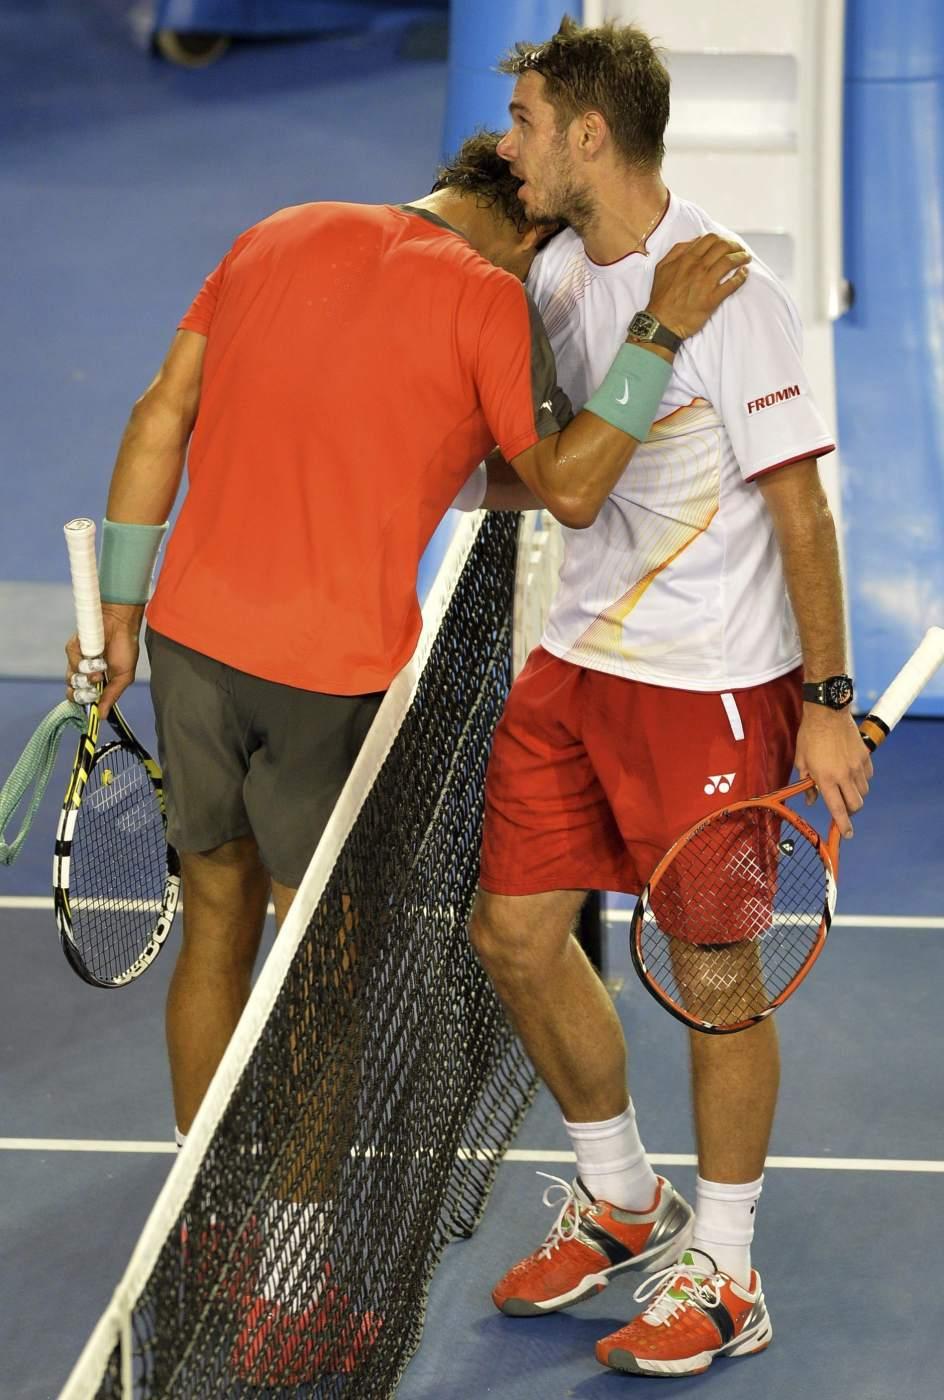 Saludo al final del partido. Nadal, derrotado, se saluda con Wawrinka al final del partido en el que el suizo se ha adjudicado el Open de Australia.